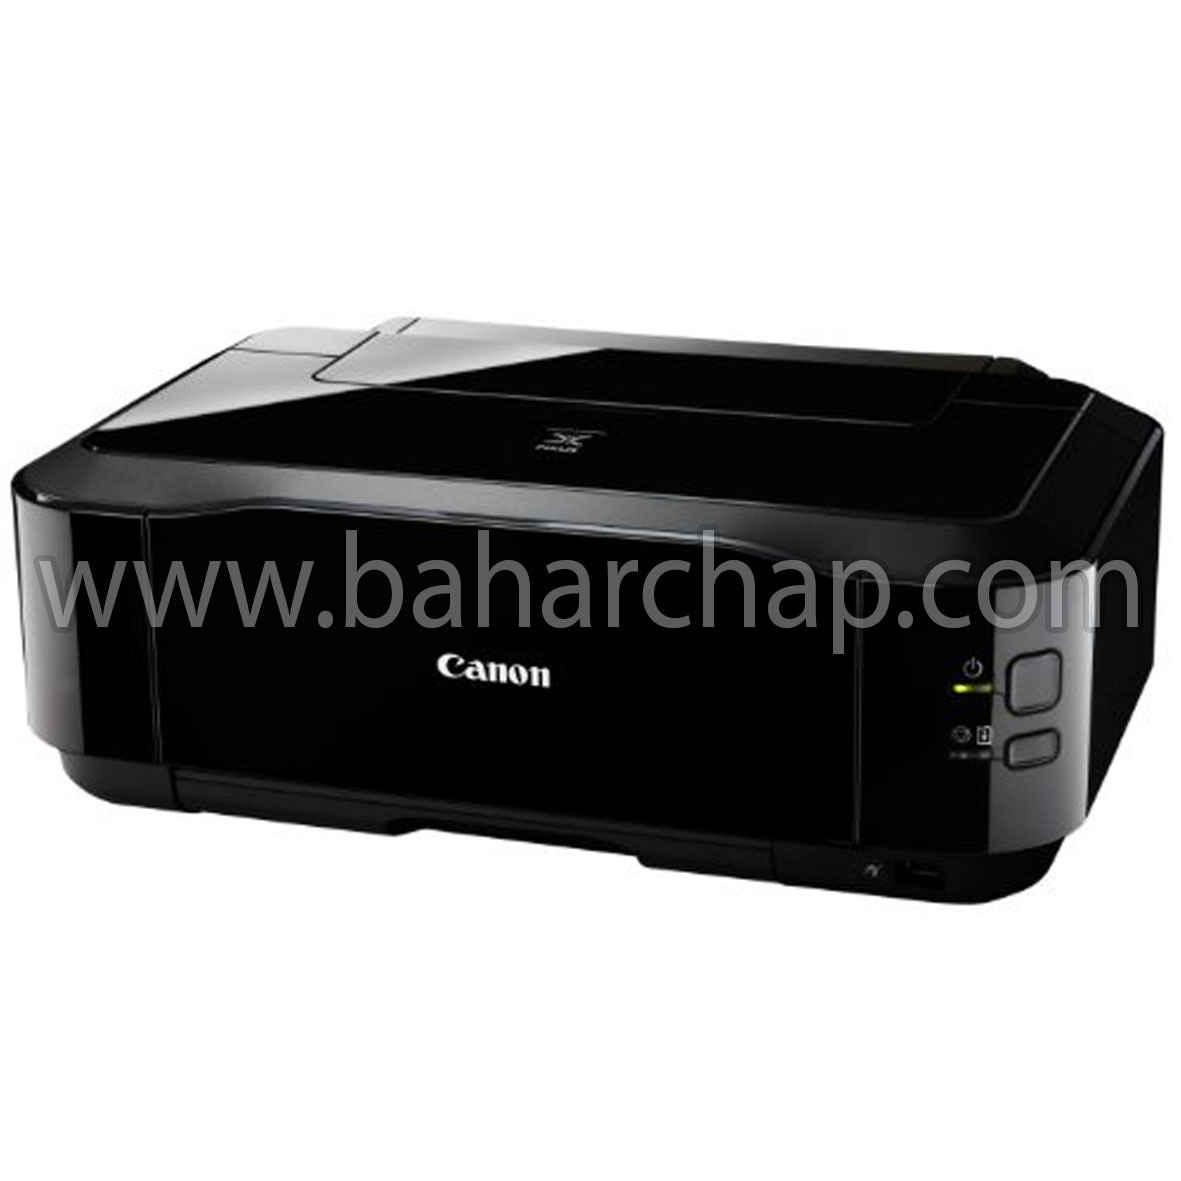 فروشگاه و خدمات اینترنتی بهارچاپ اصفهان-دانلود نرم افزار ریست پرینتر Canon IP4980-Reset canon by ST4905